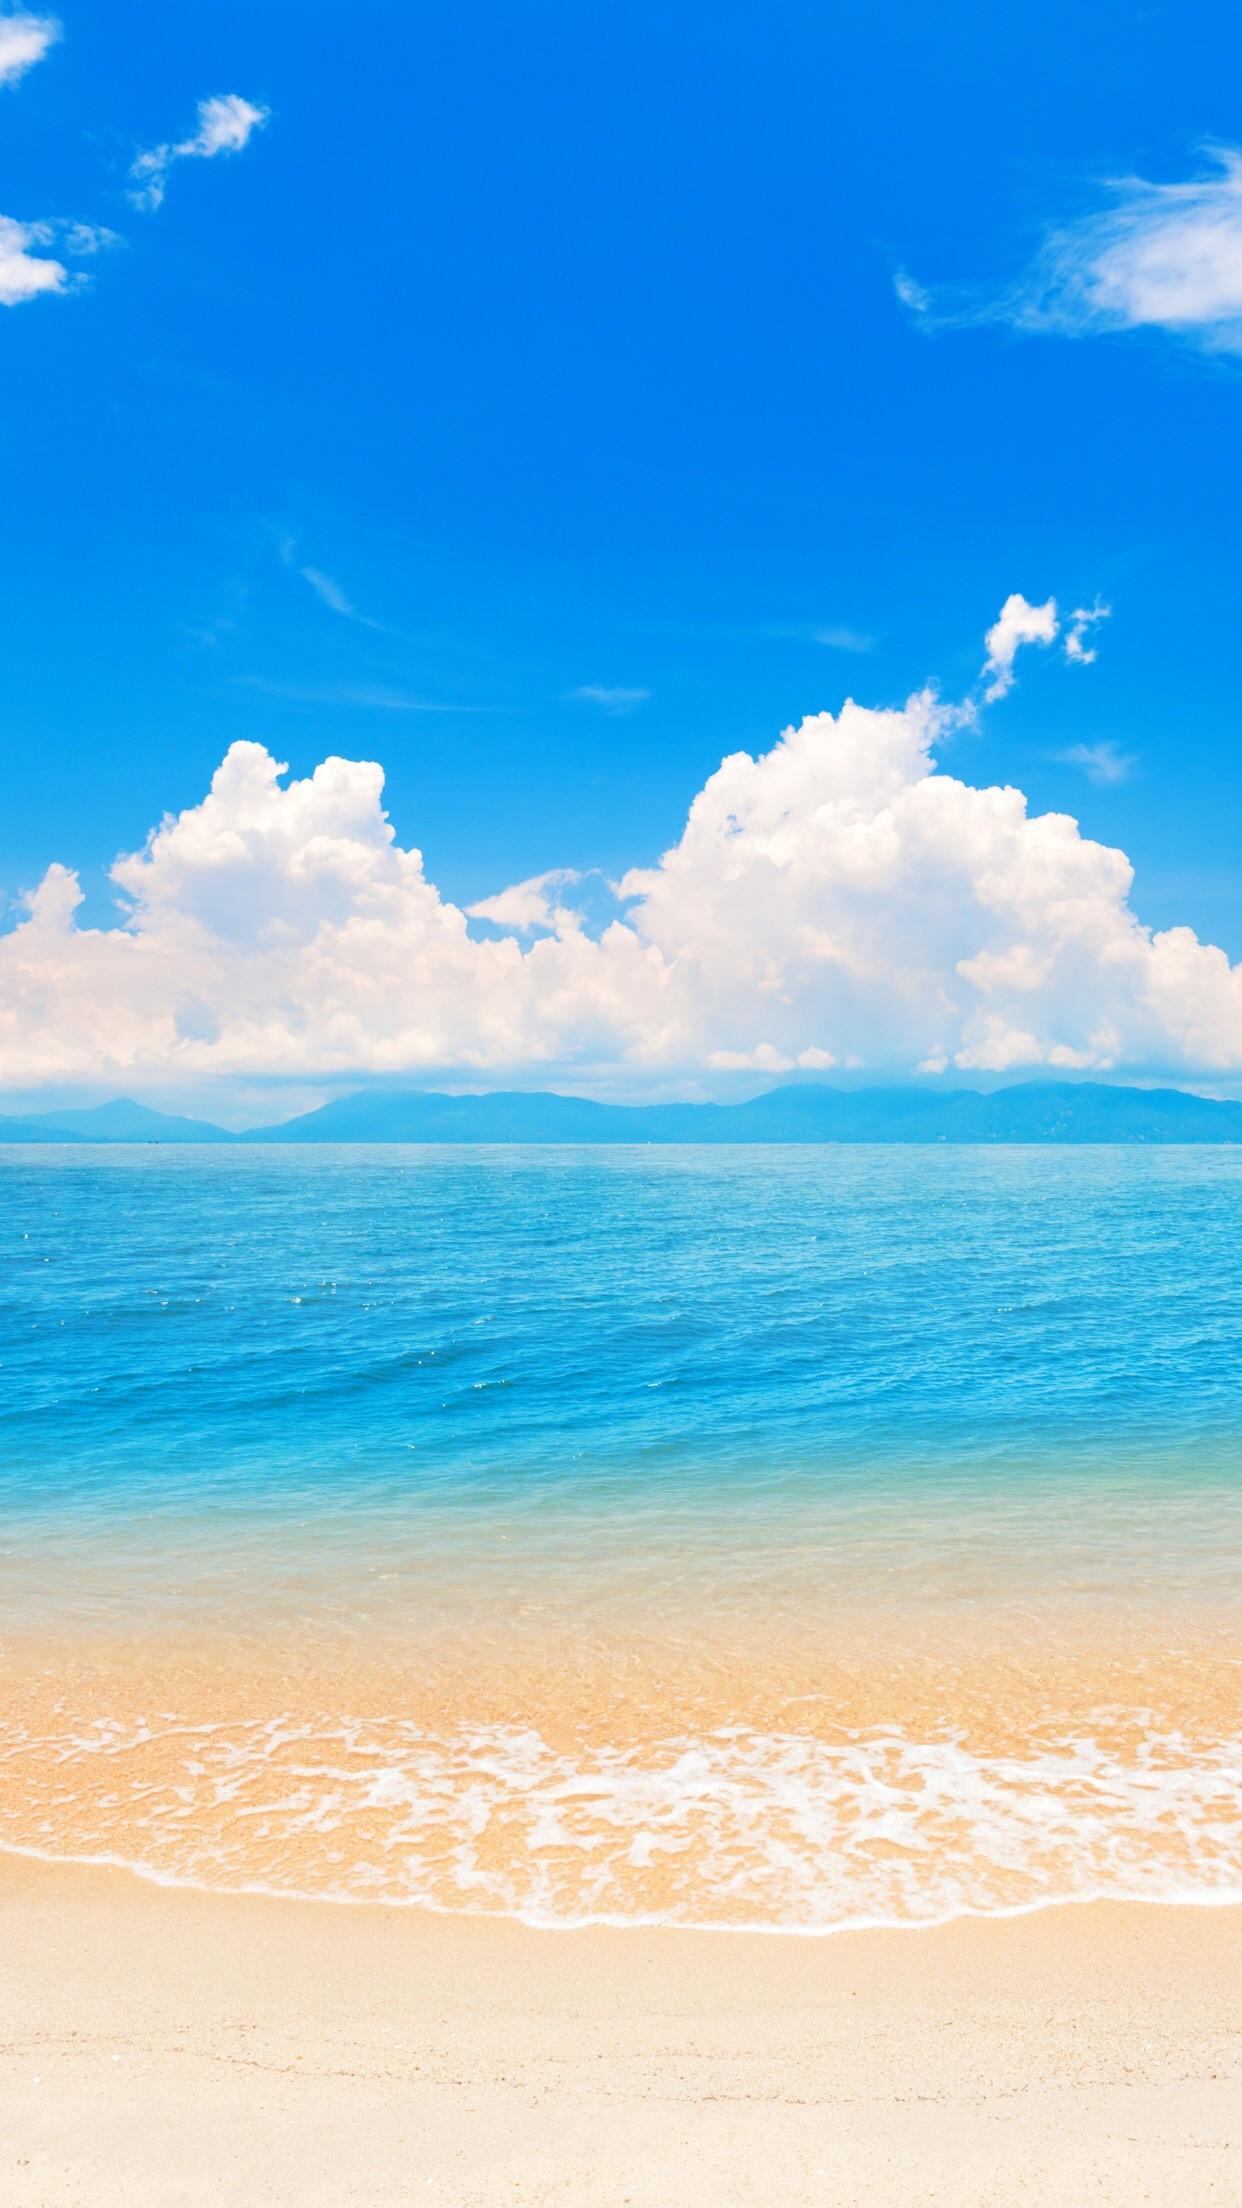 Surf Wallpaper Iphone X Die 73 Besten Wundersch 246 Ne Hintergrundbilder Mit Dem Meer